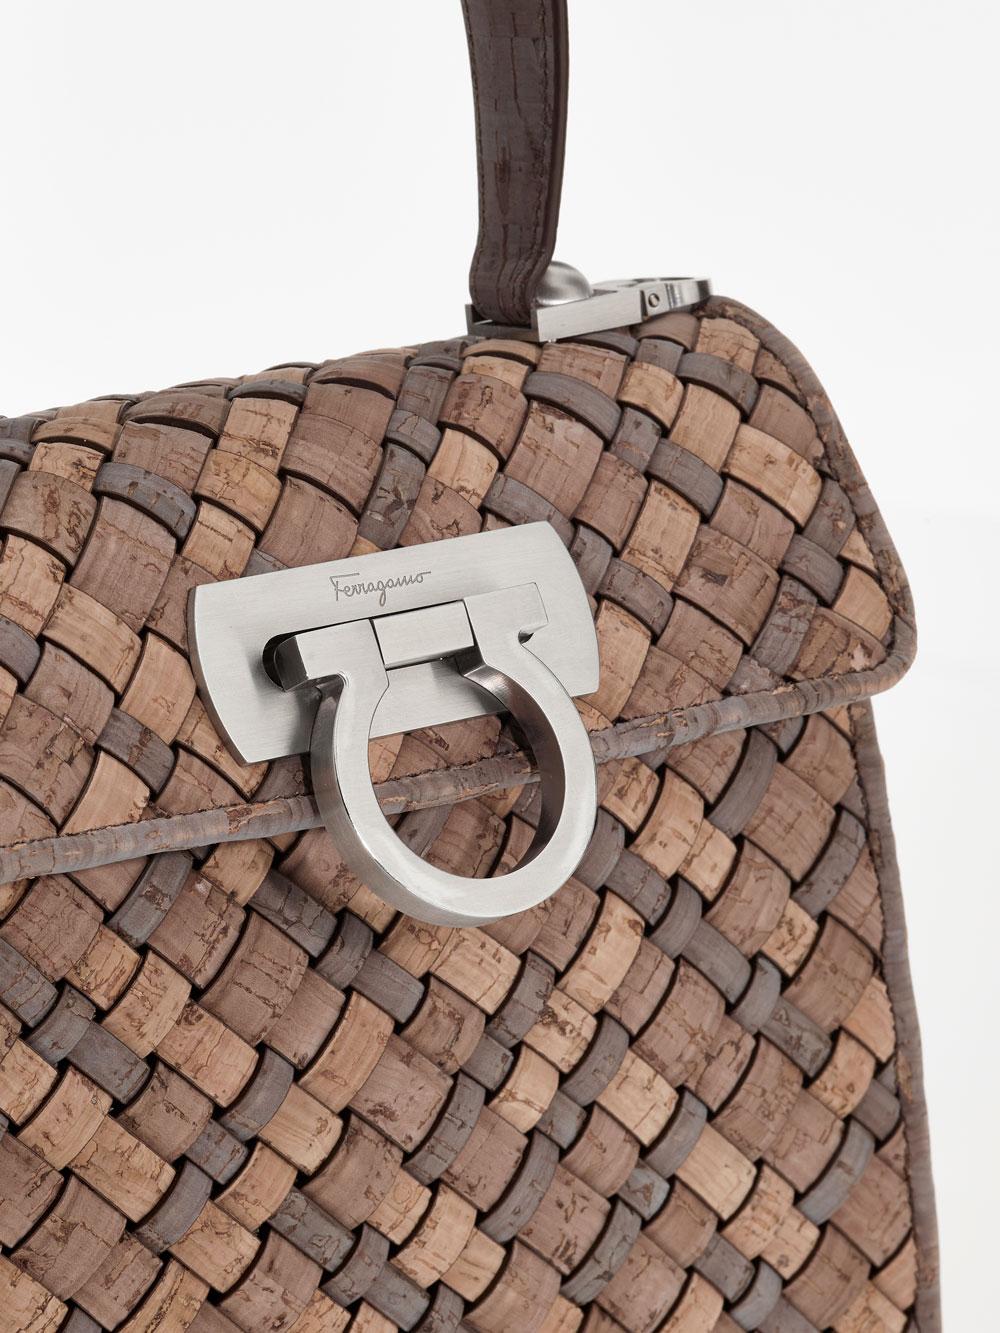 Nuevo objeto de deseo: las nuevas piezas sostenibles de Ferragamo